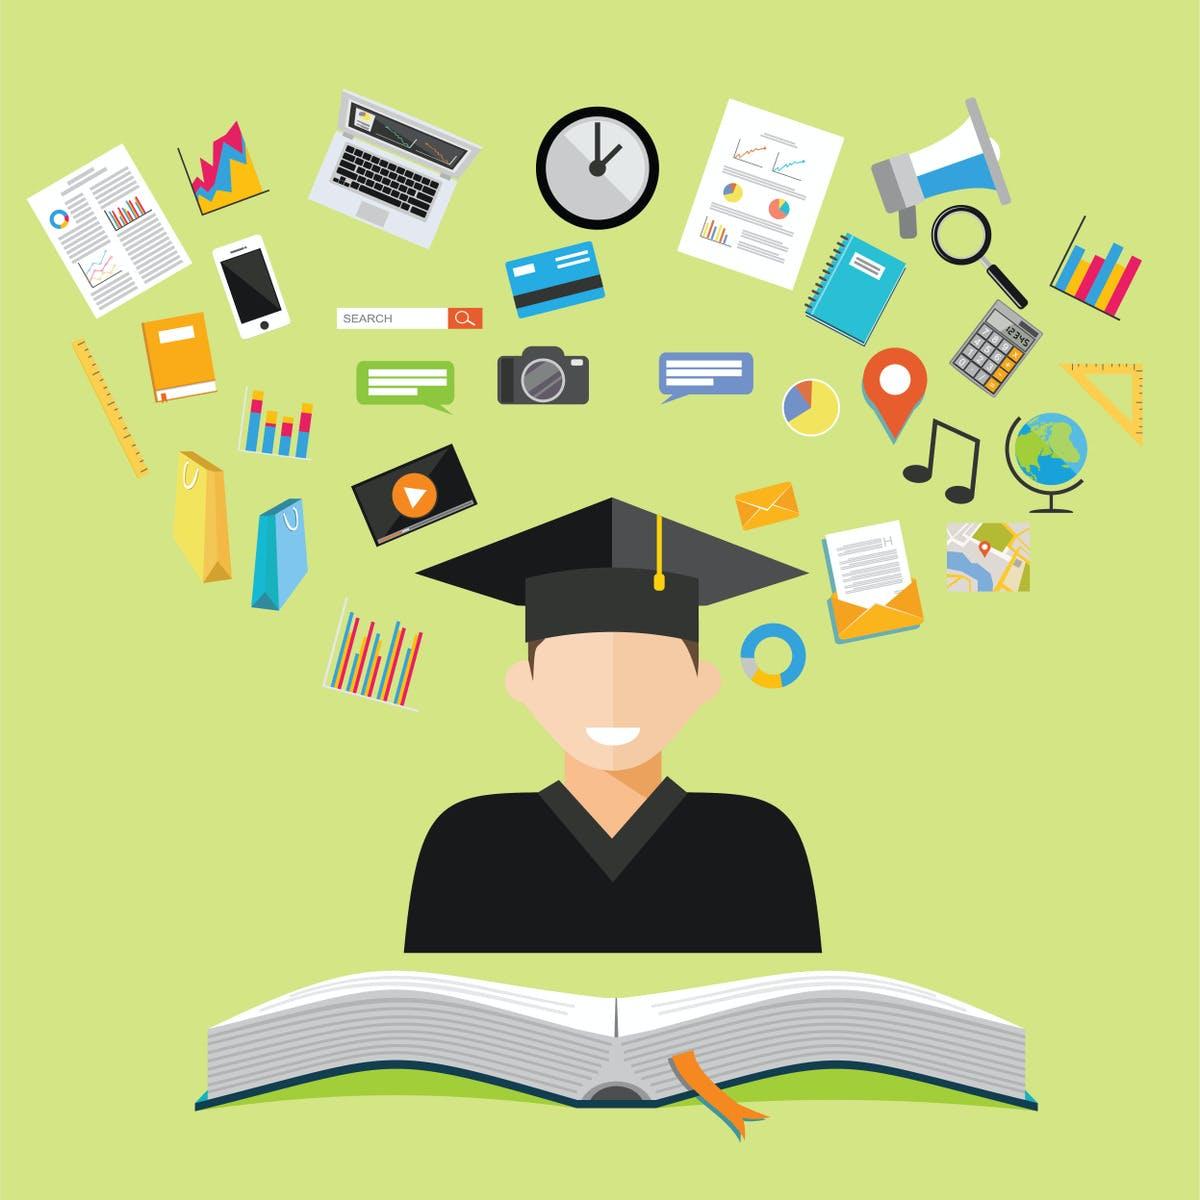 Introducción al Aprendizaje Universitario